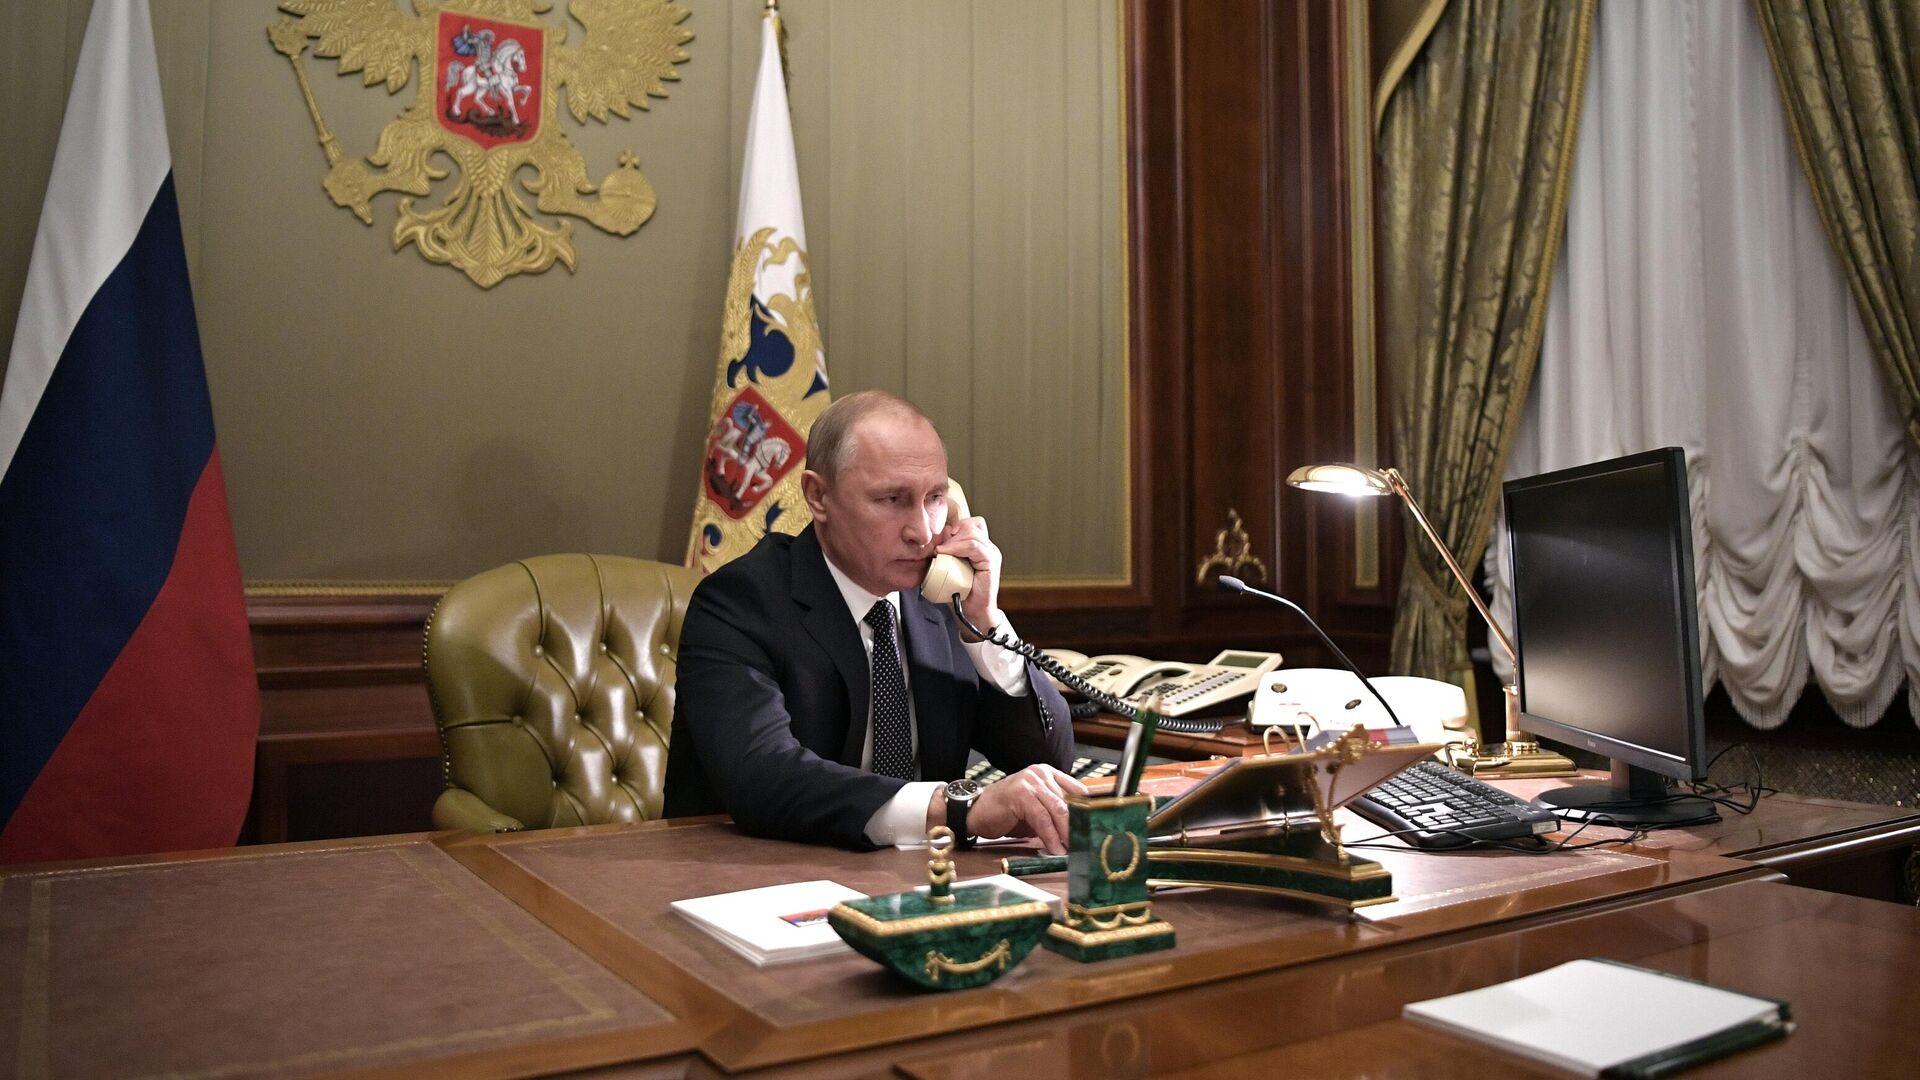 1563045947 0:248:3096:1990 1920x0 80 0 0 18d9476cba7f46d593ed9b5dec000390 - Пашинян позвонил Путину из-за конфликта в Карабахе